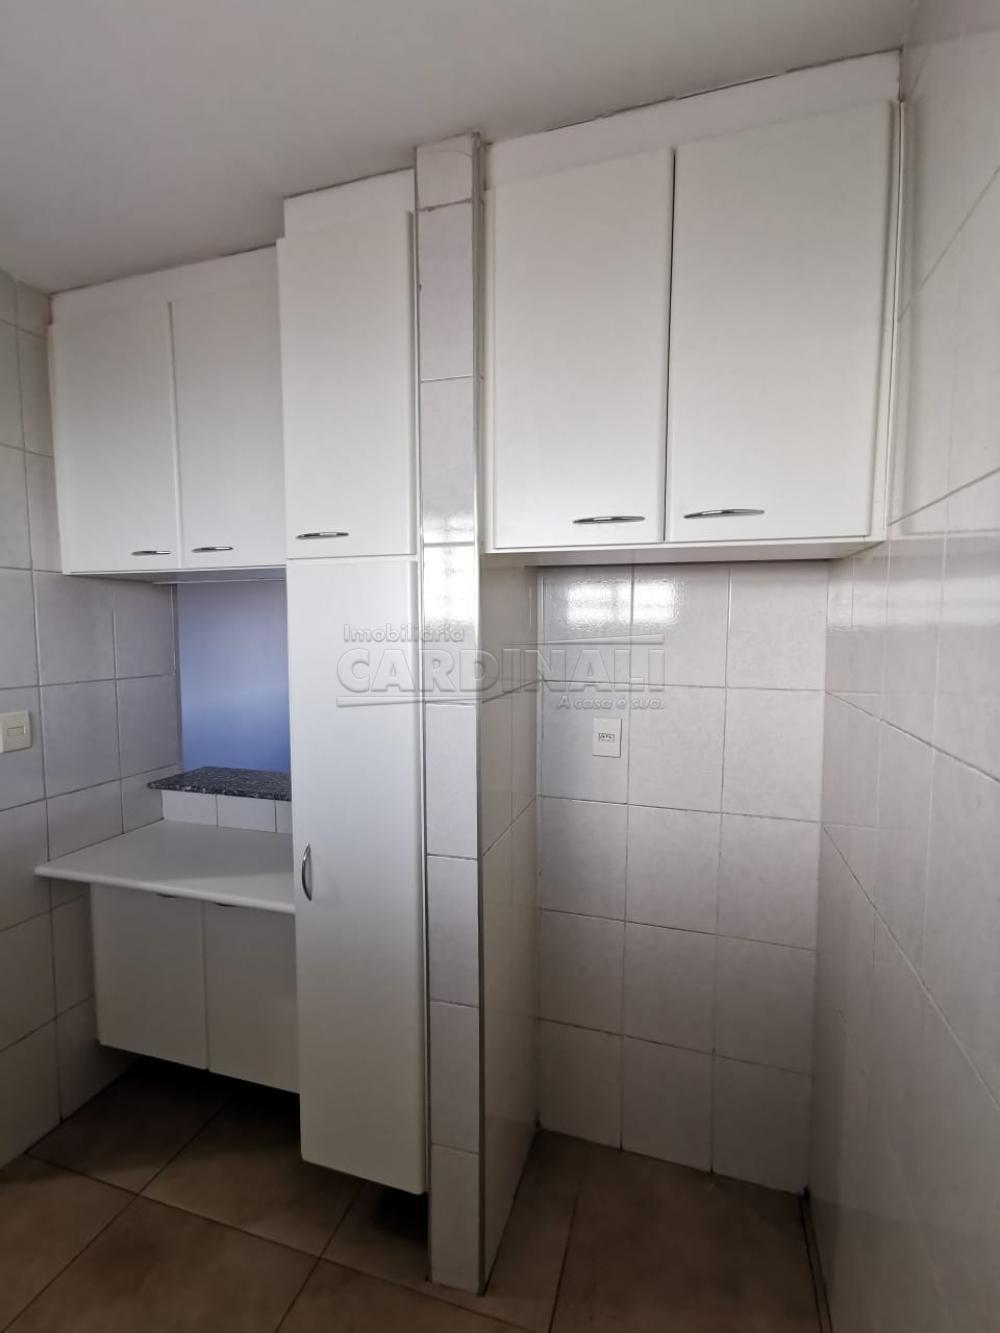 Alugar Apartamento / Padrão em Araraquara R$ 700,00 - Foto 10